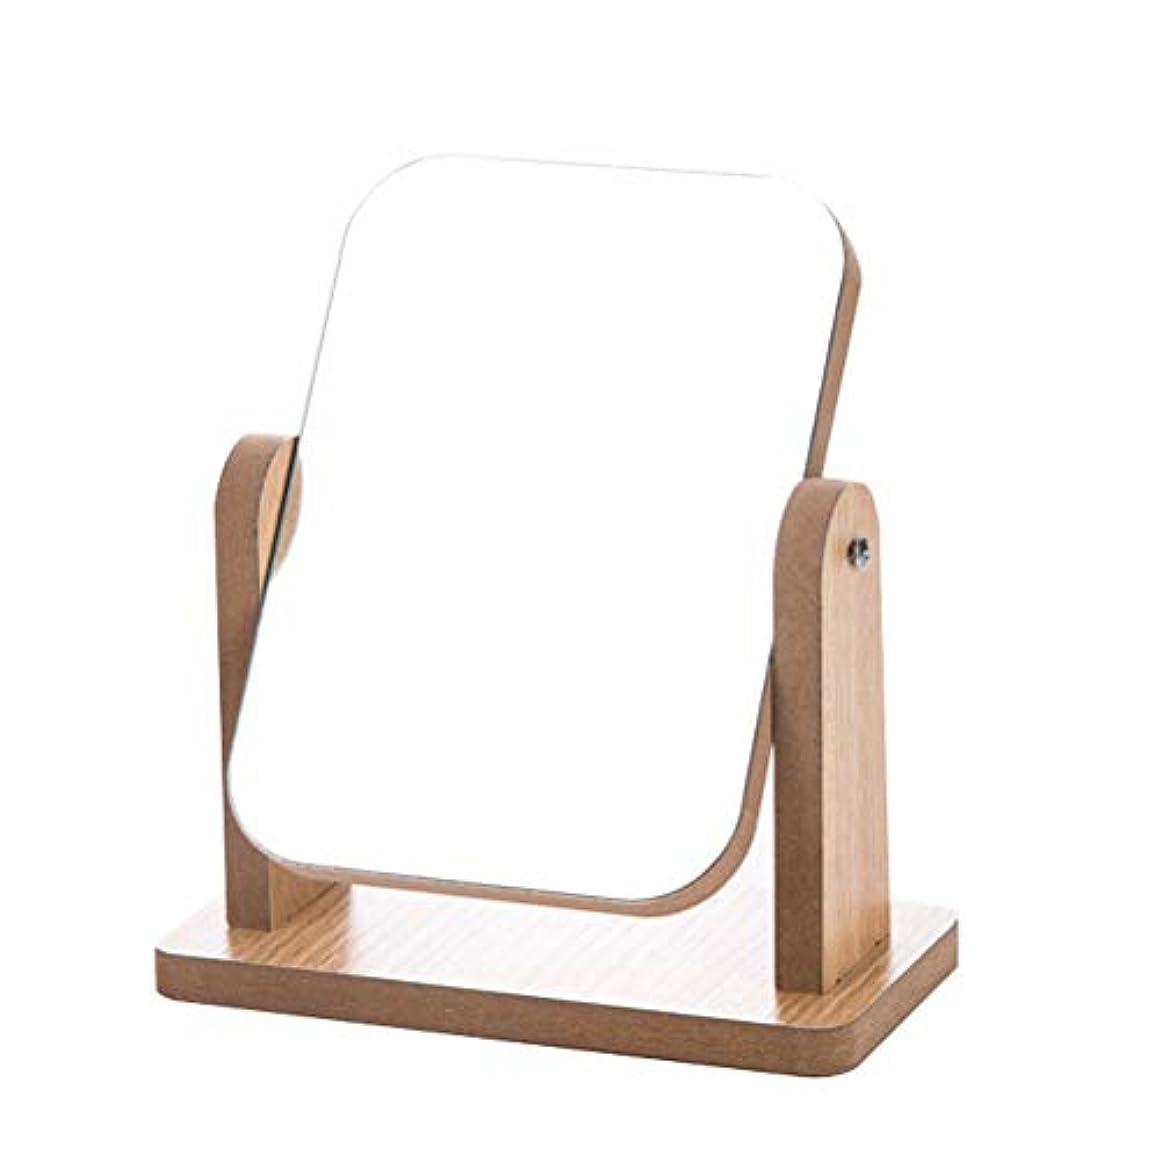 驚くべきやがてメタルラインLurrose 卓上化粧台ミラー長方形折りたたみ木製デスクトップミラー寝室の装飾化粧品ミラー(サイズL)